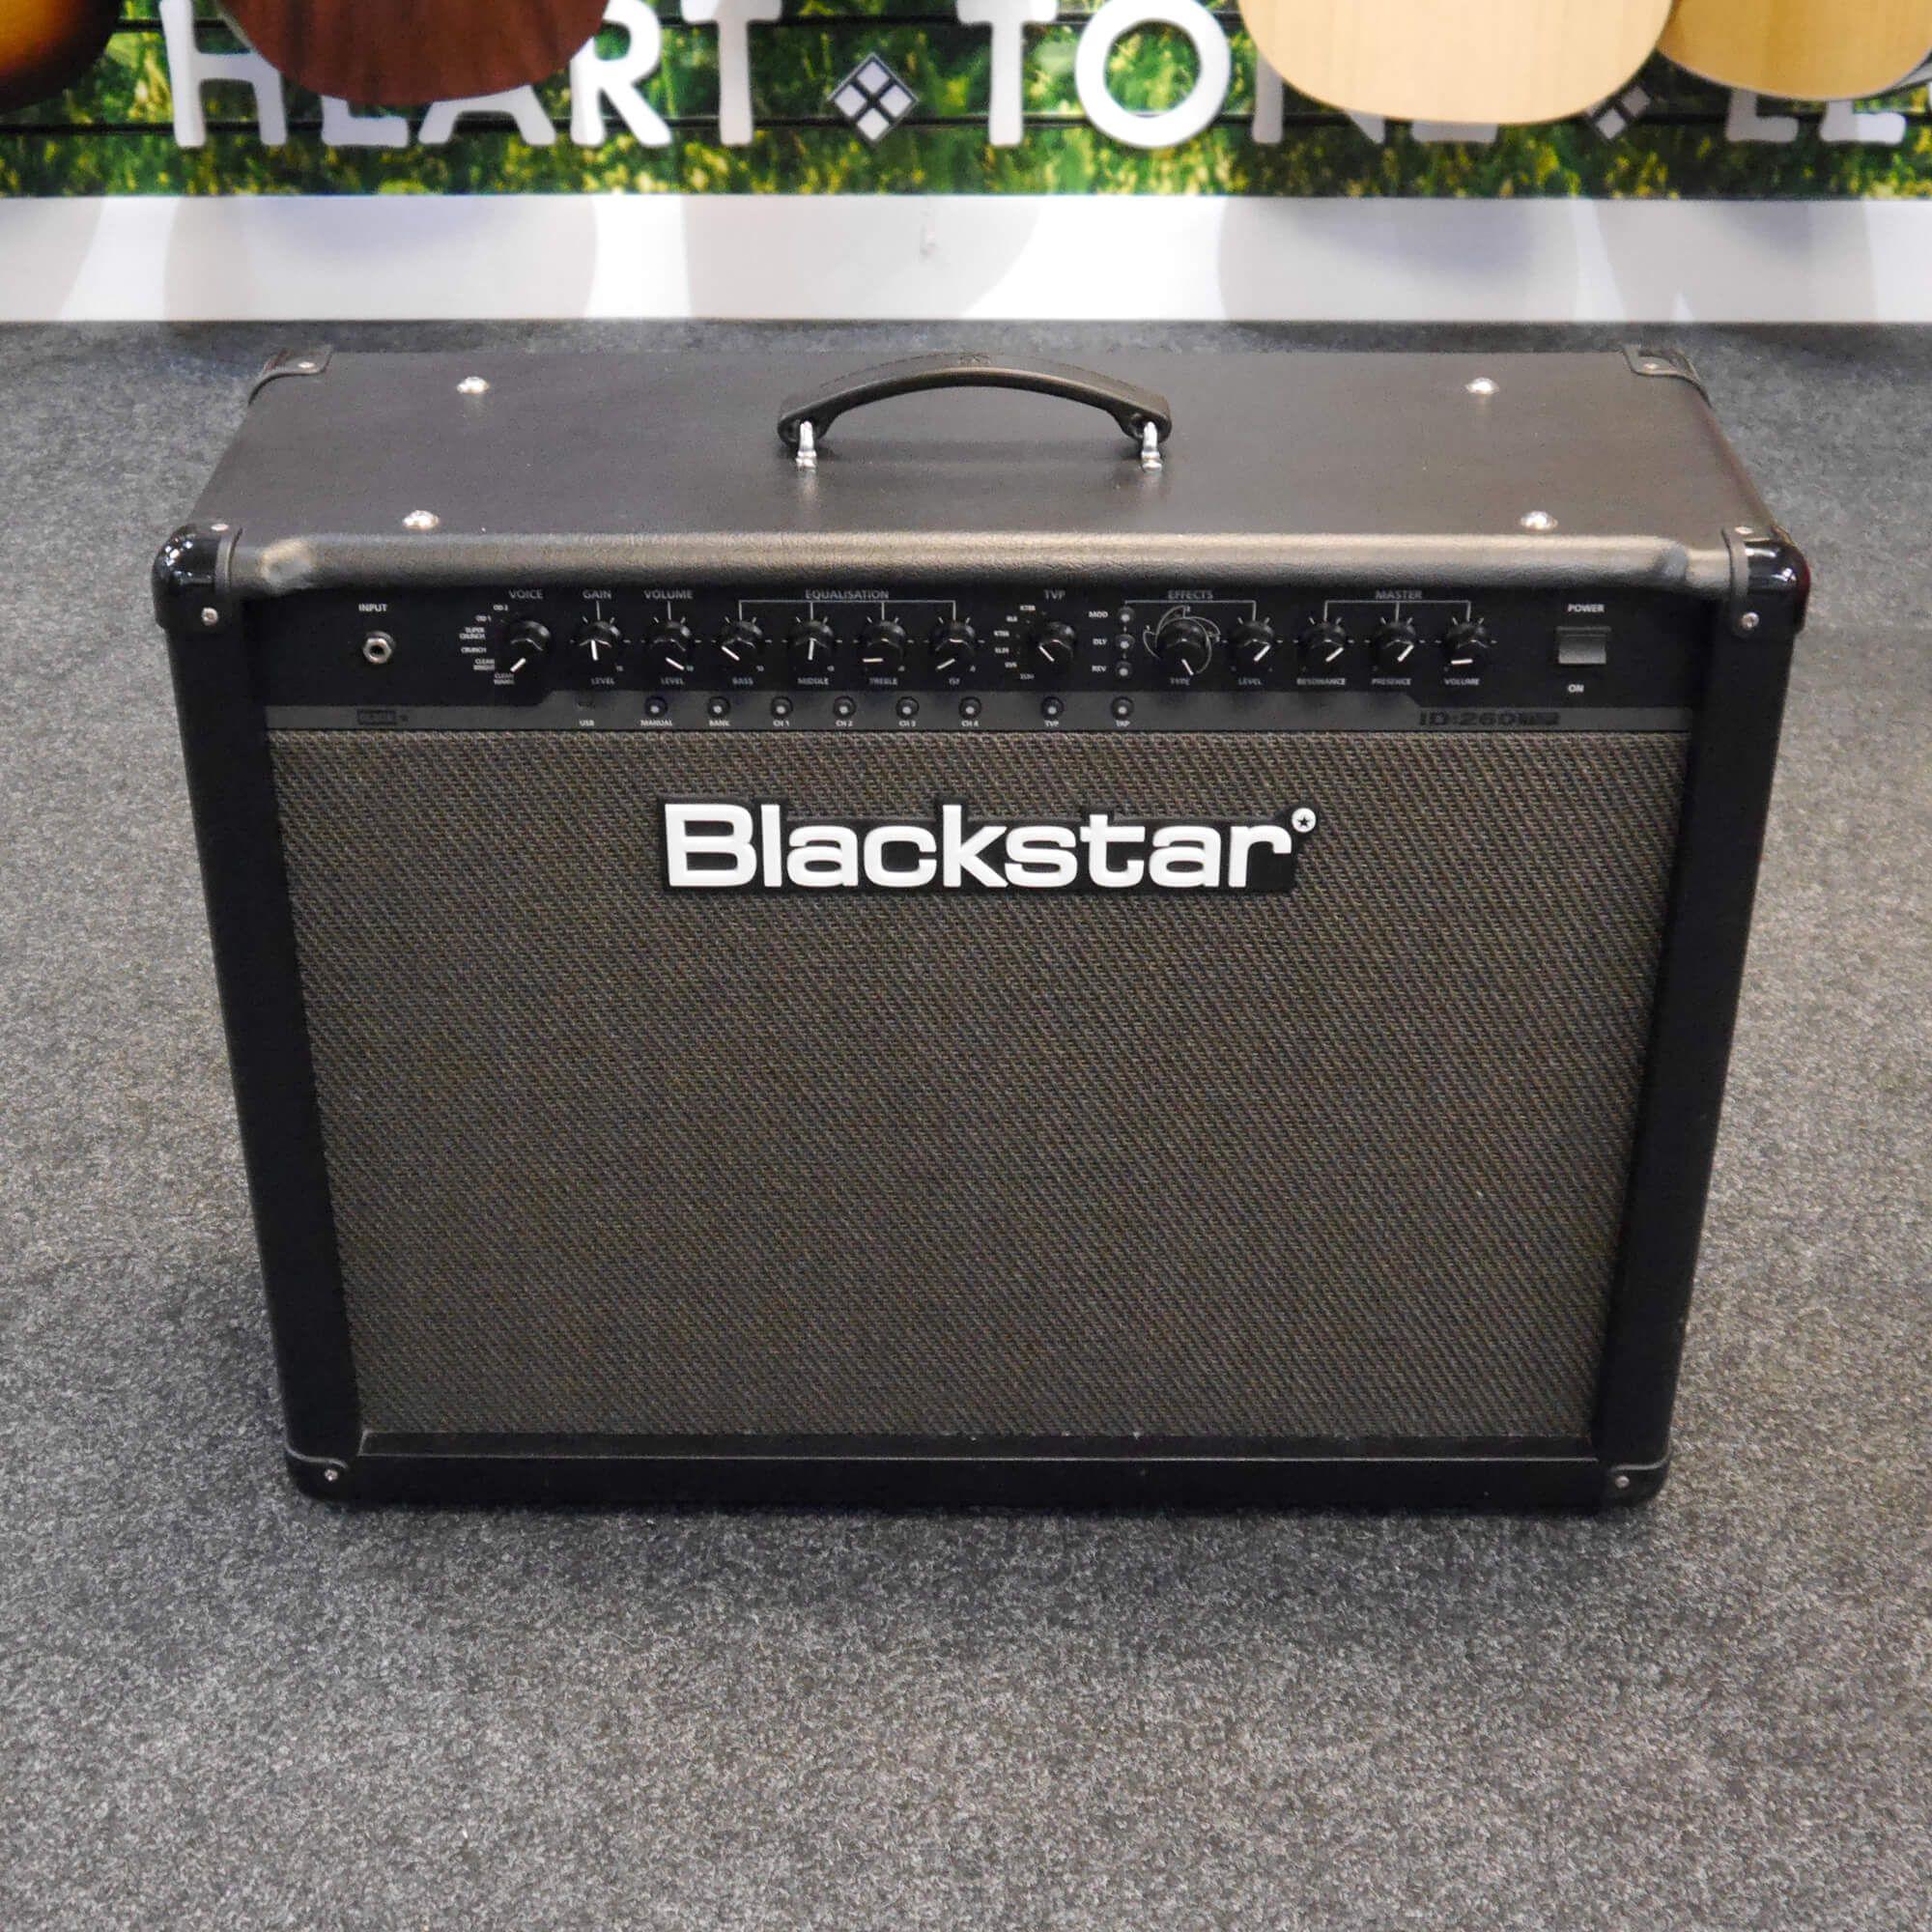 Blackstar ID:260 TVP Guitar Amplifier - 2nd Hand